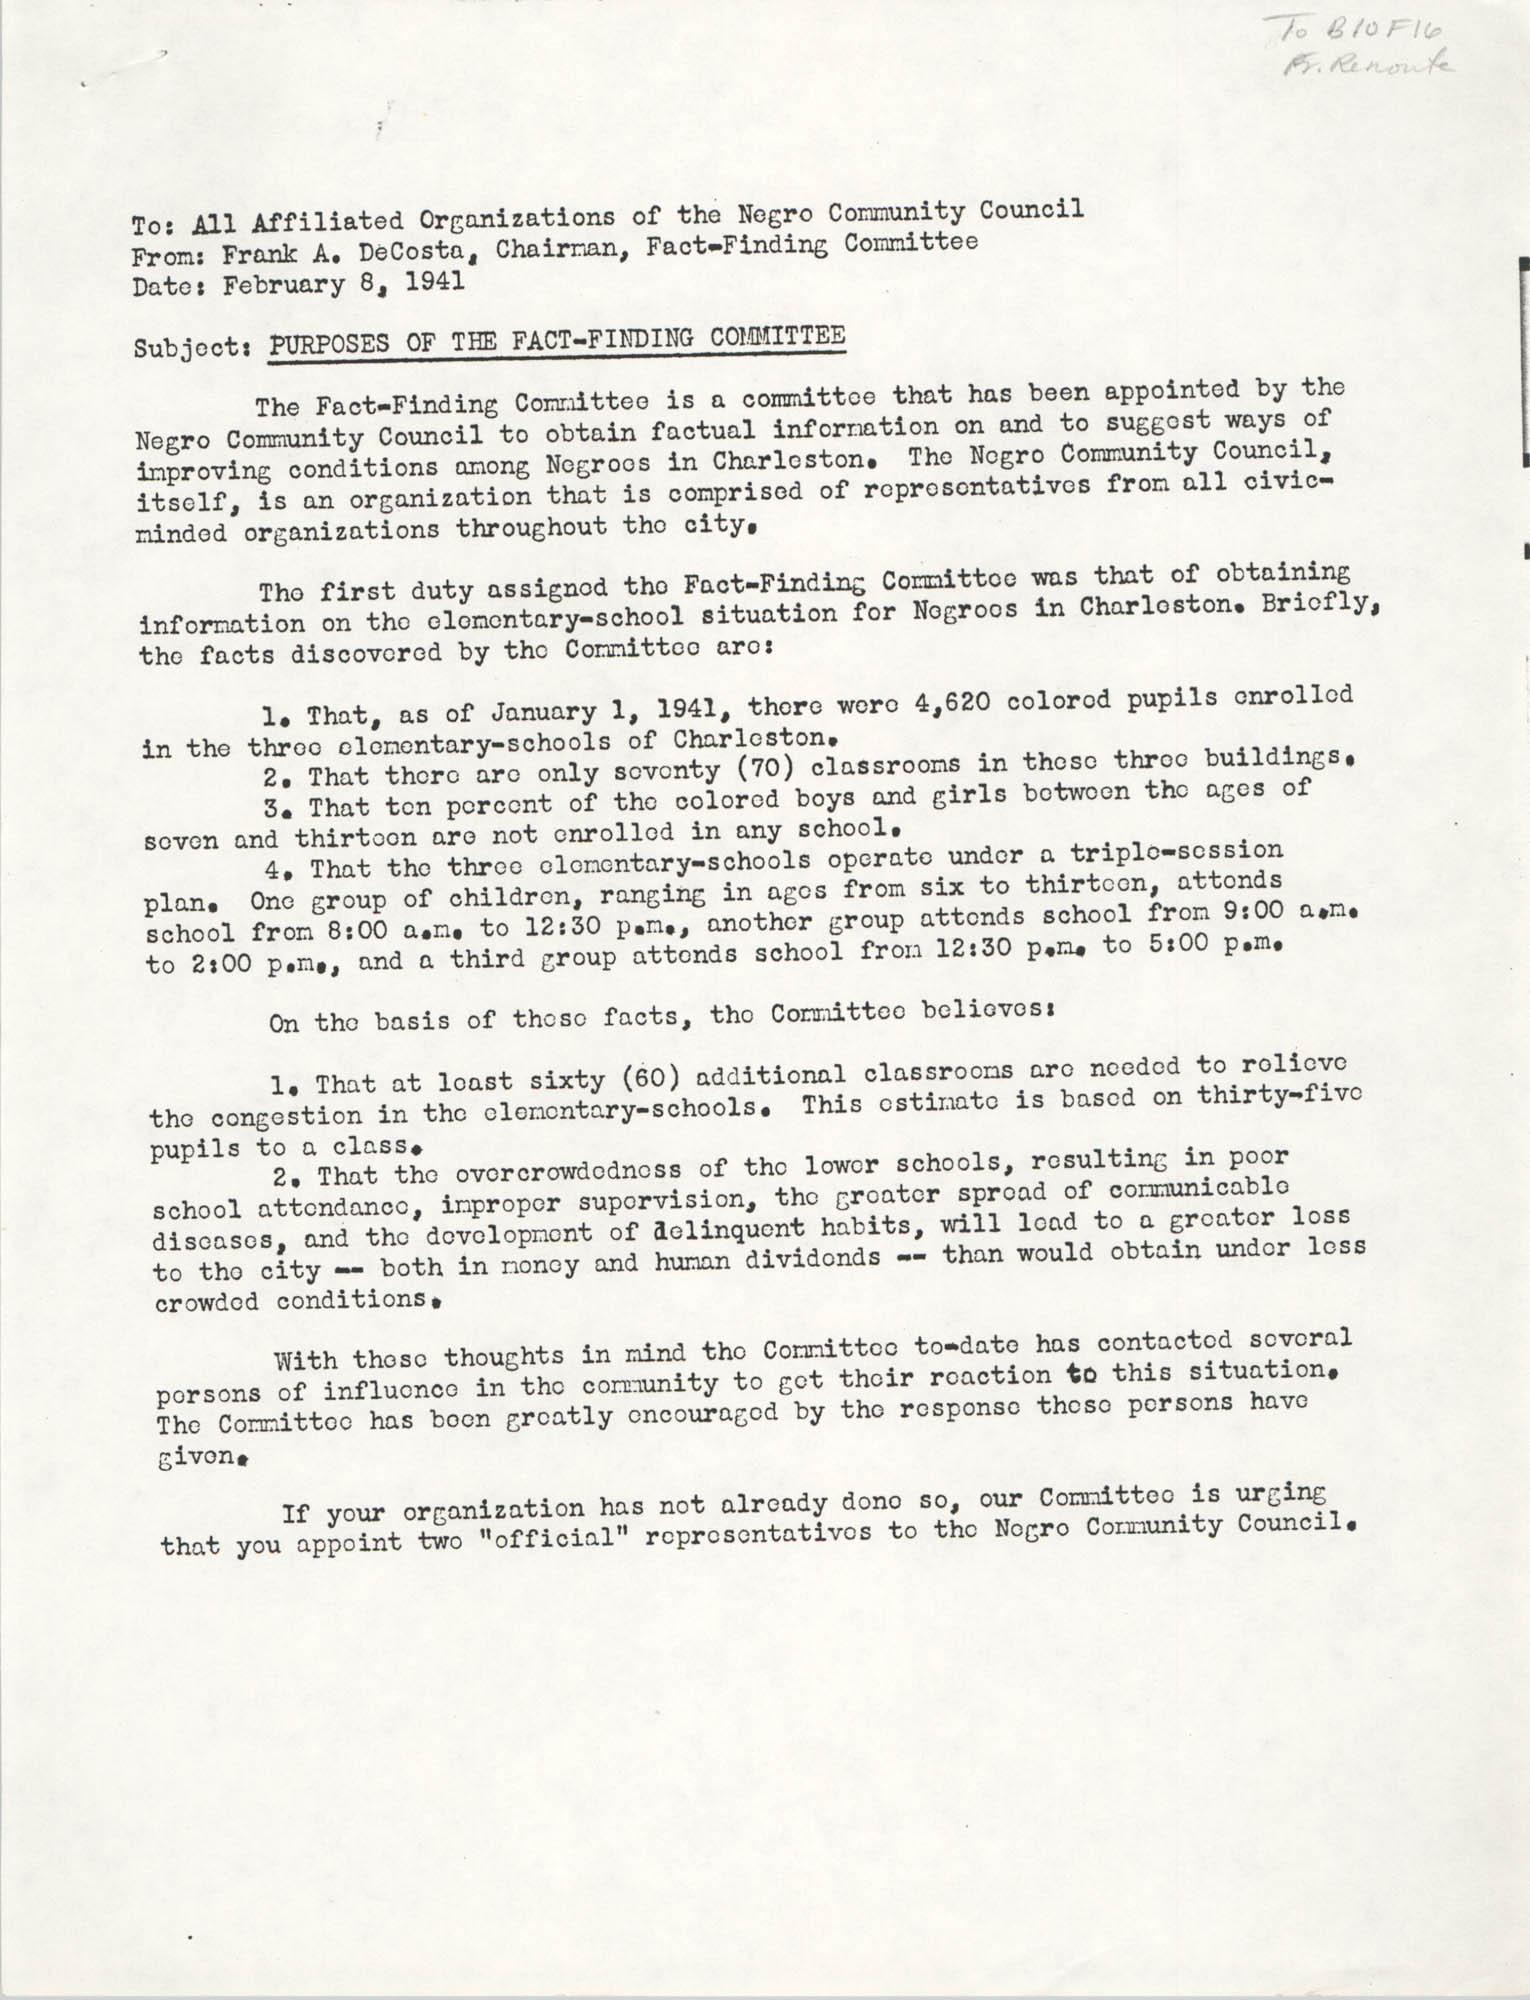 Memorandum, February 8, 1941